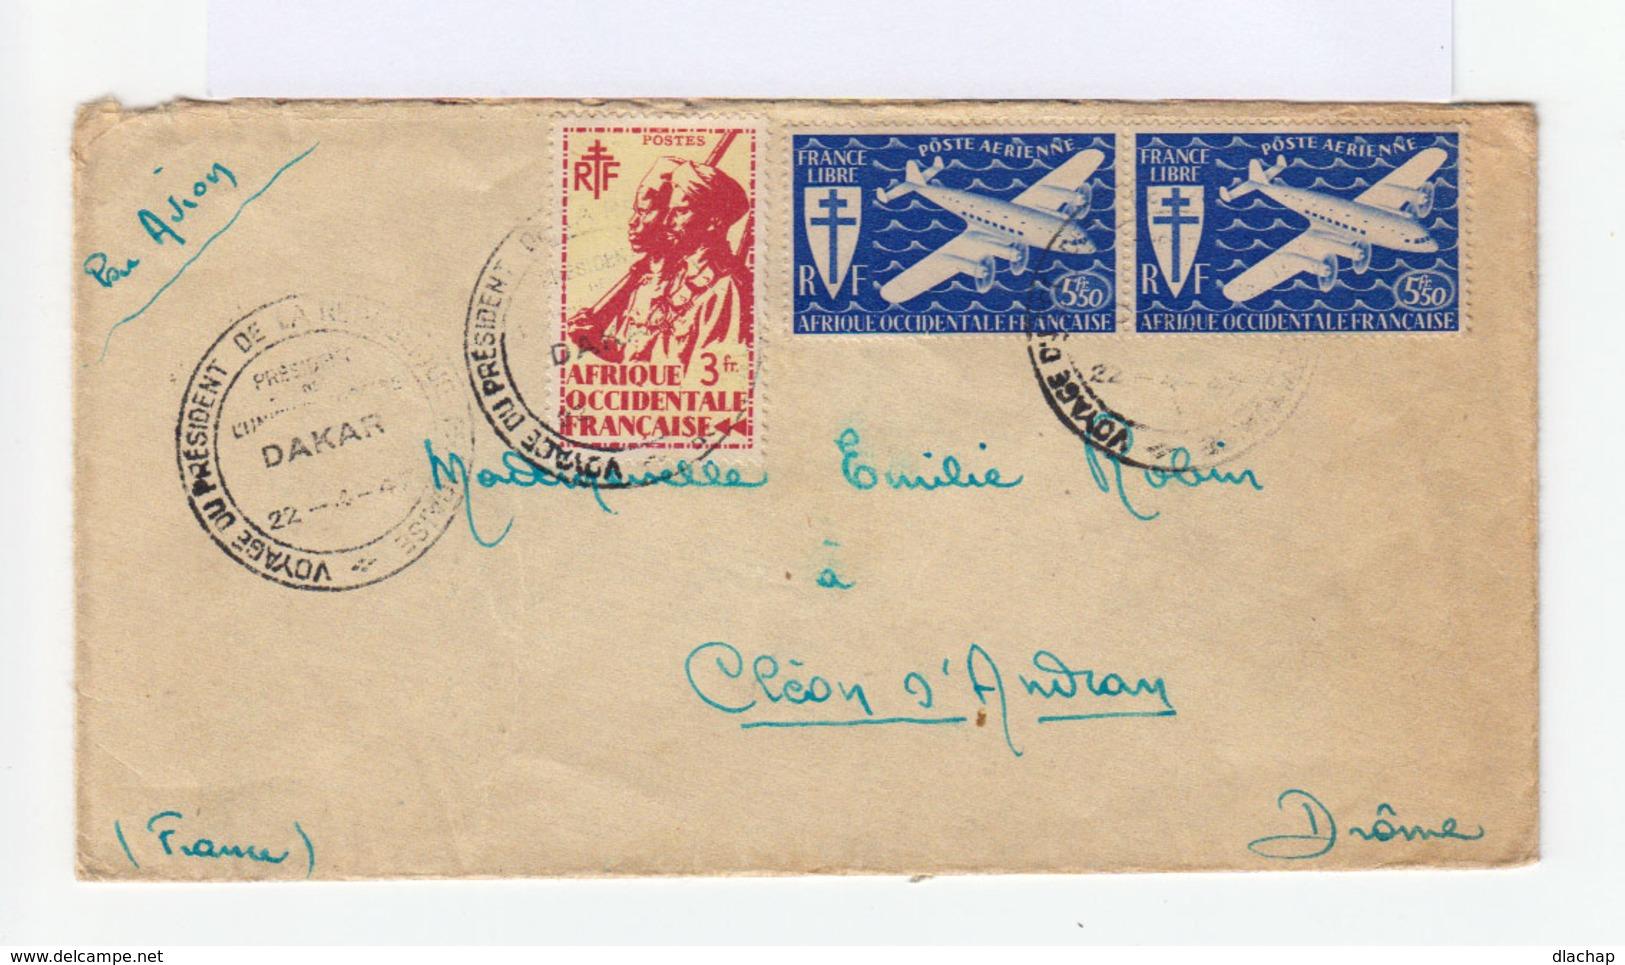 Sur Enveloppe Par Avion Paire Poste Aérienne France Libre Et Un Tirailleur Sénégalais 3 Fr. CAD 1947 . (739) - A.O.F. (1934-1959)